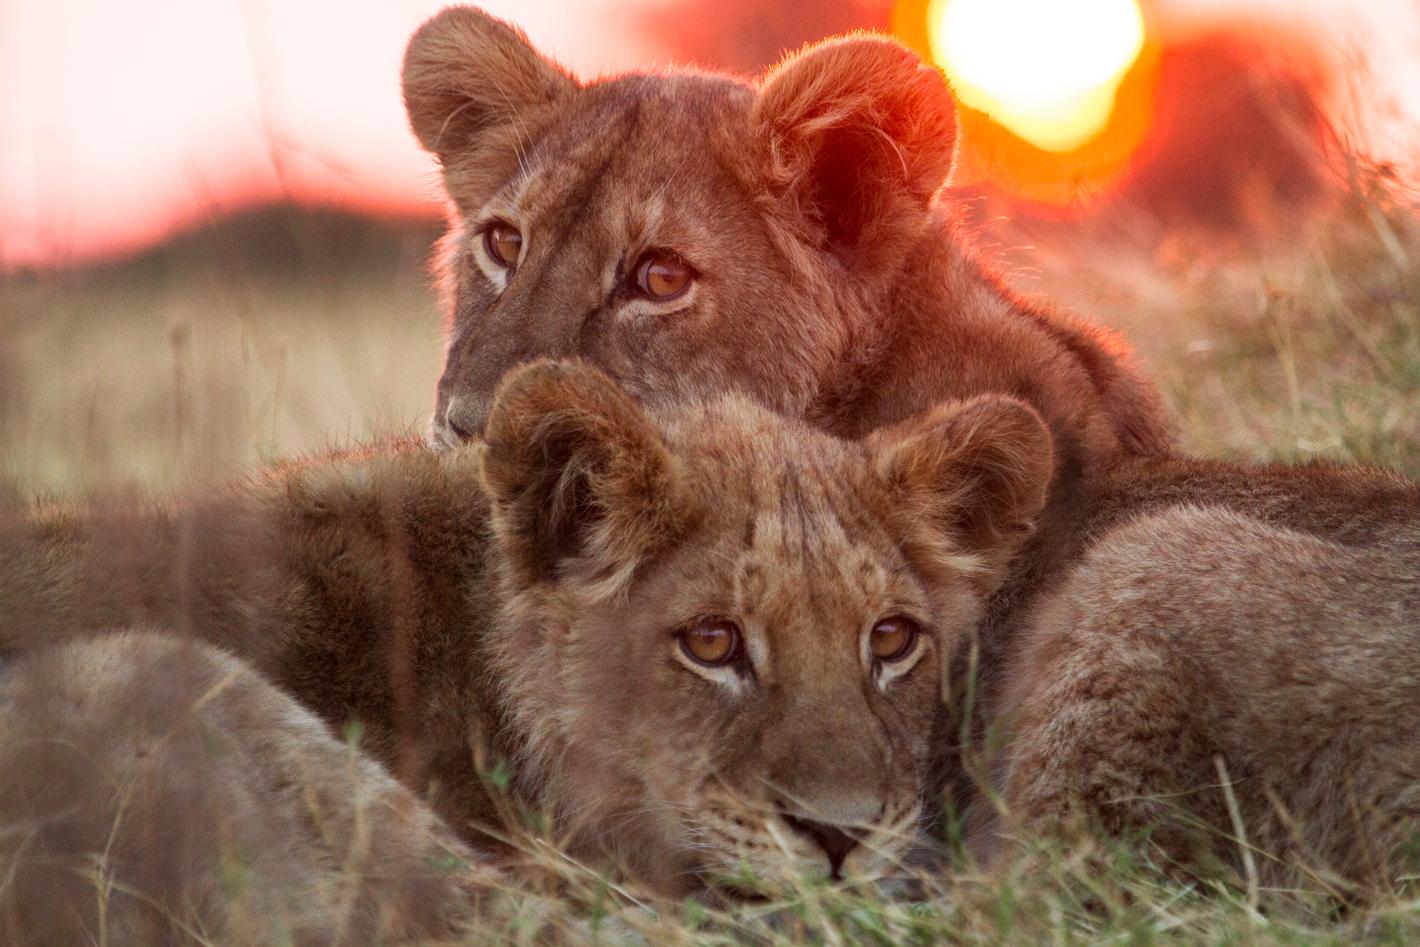 lions lying